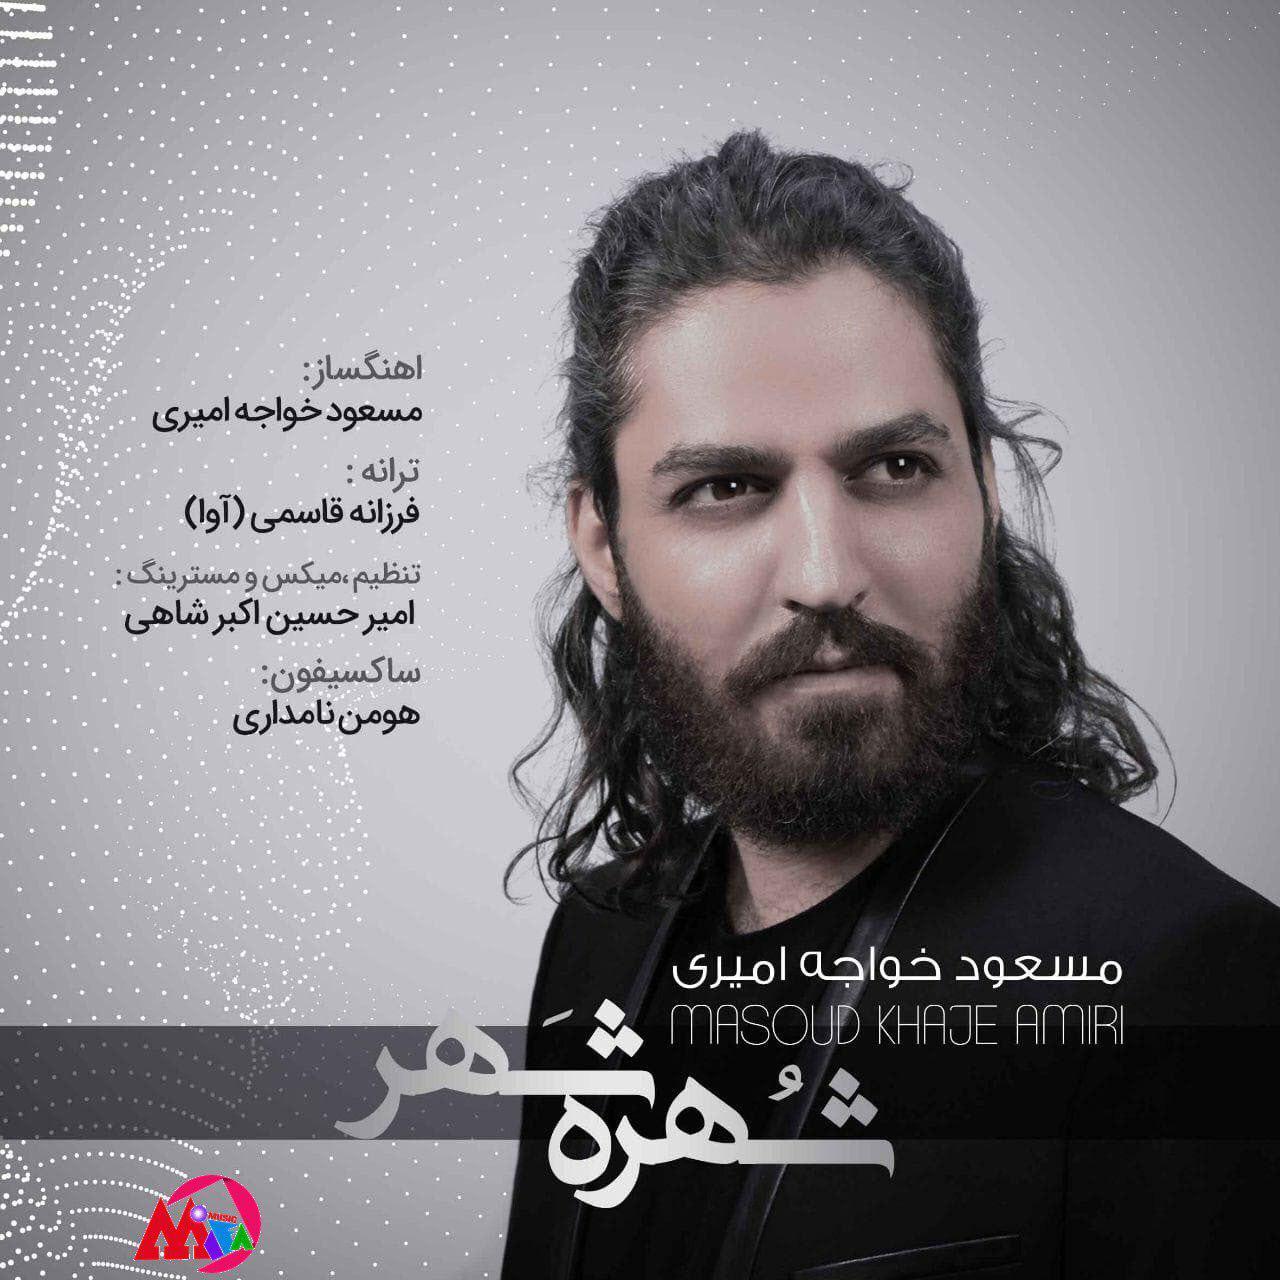 دانلود آهنگ جدید و زیبای مسعود خواجه امیری به نام شهره شهر